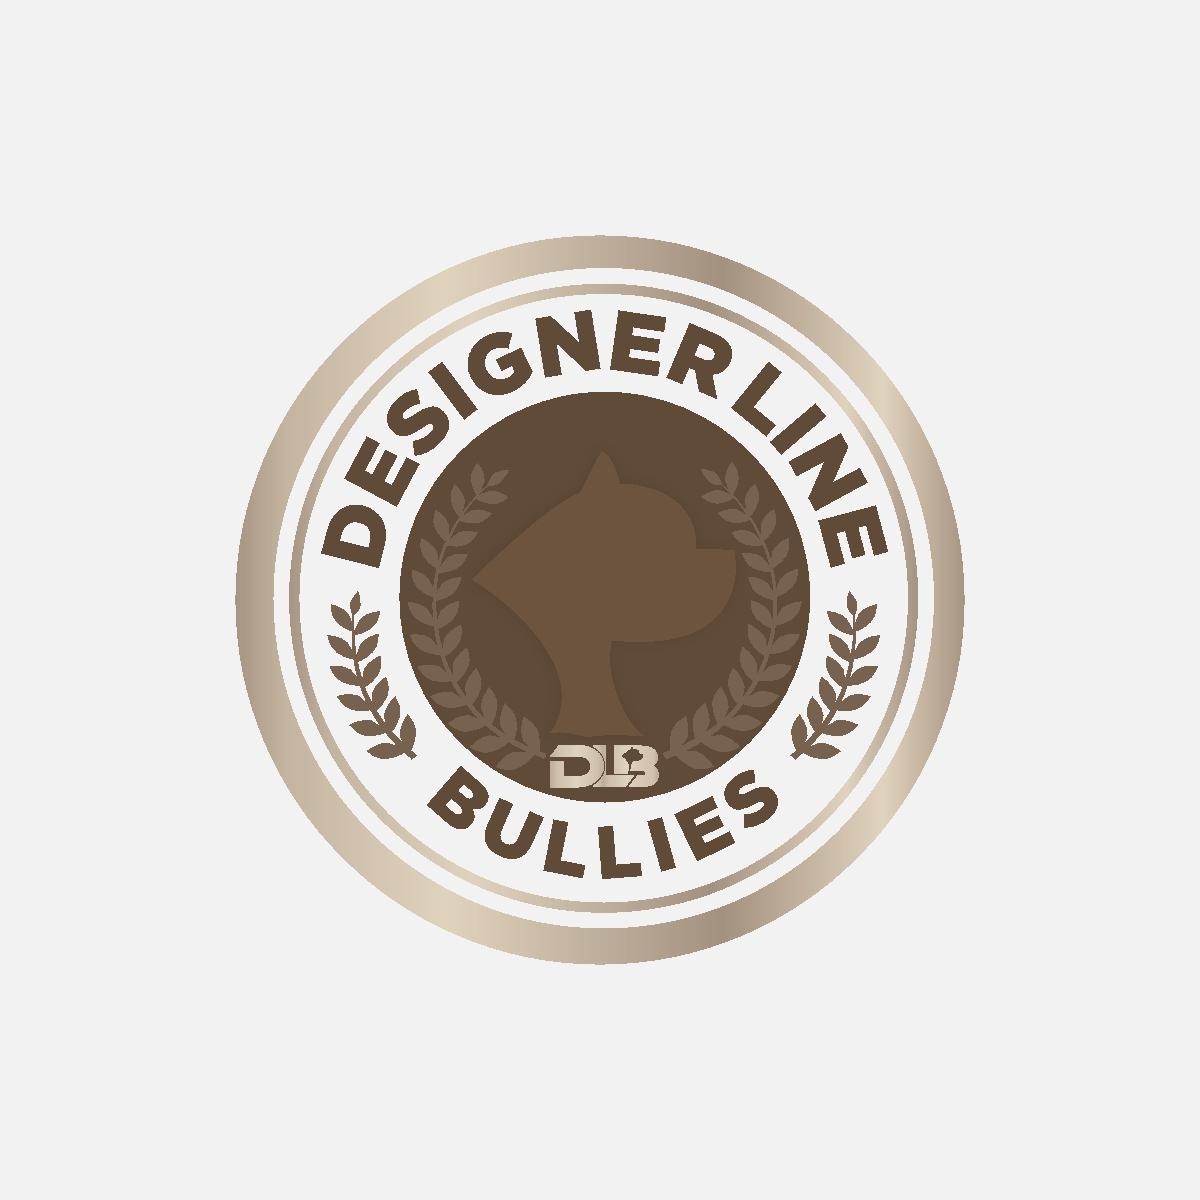 Designer Line Bullies | DLB Logo